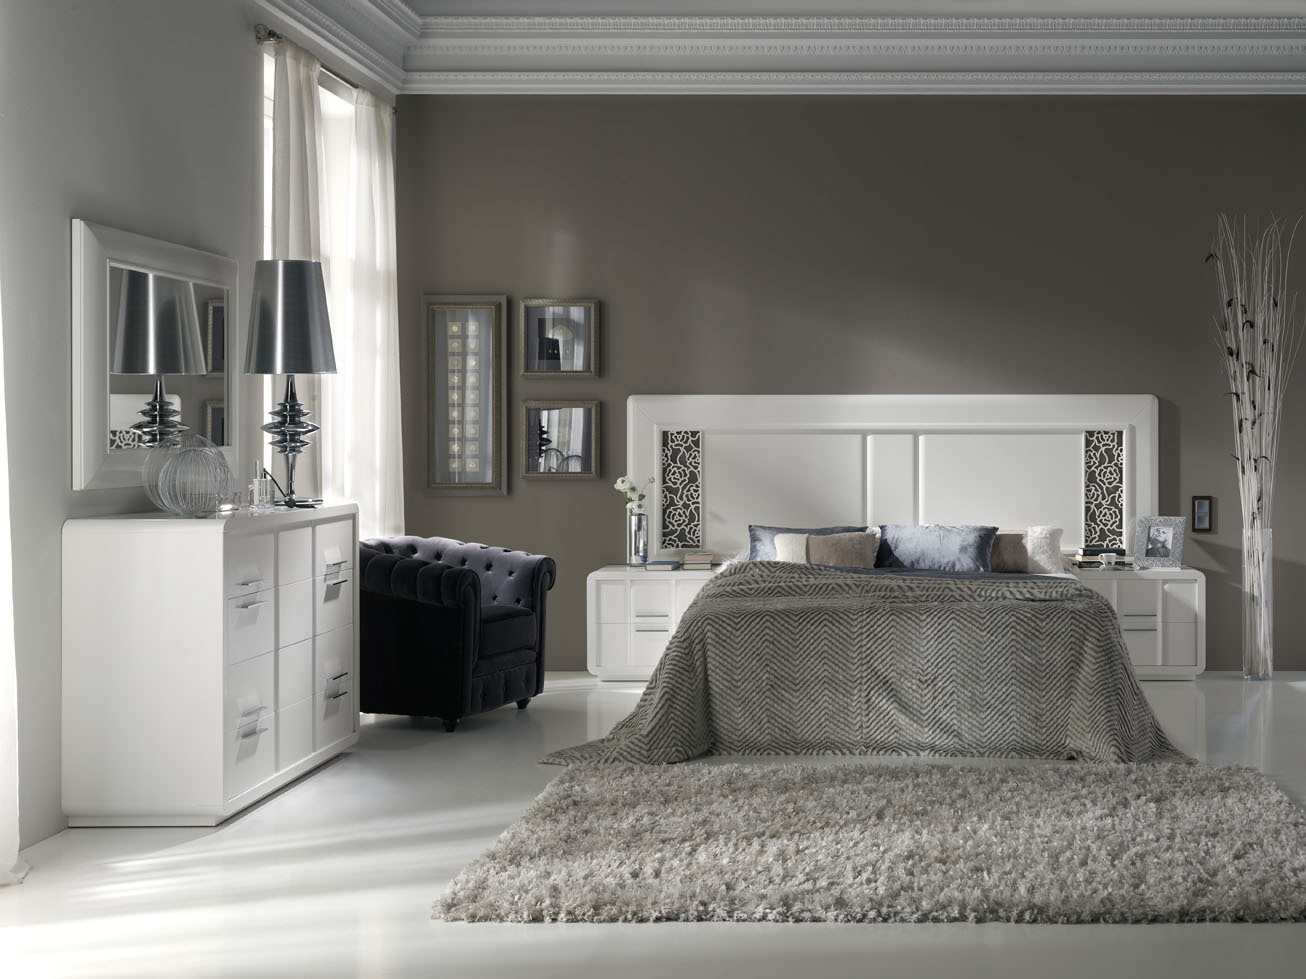 Dormitorios estilo moderno muebles andaluc a for Muebles andalucia cordoba